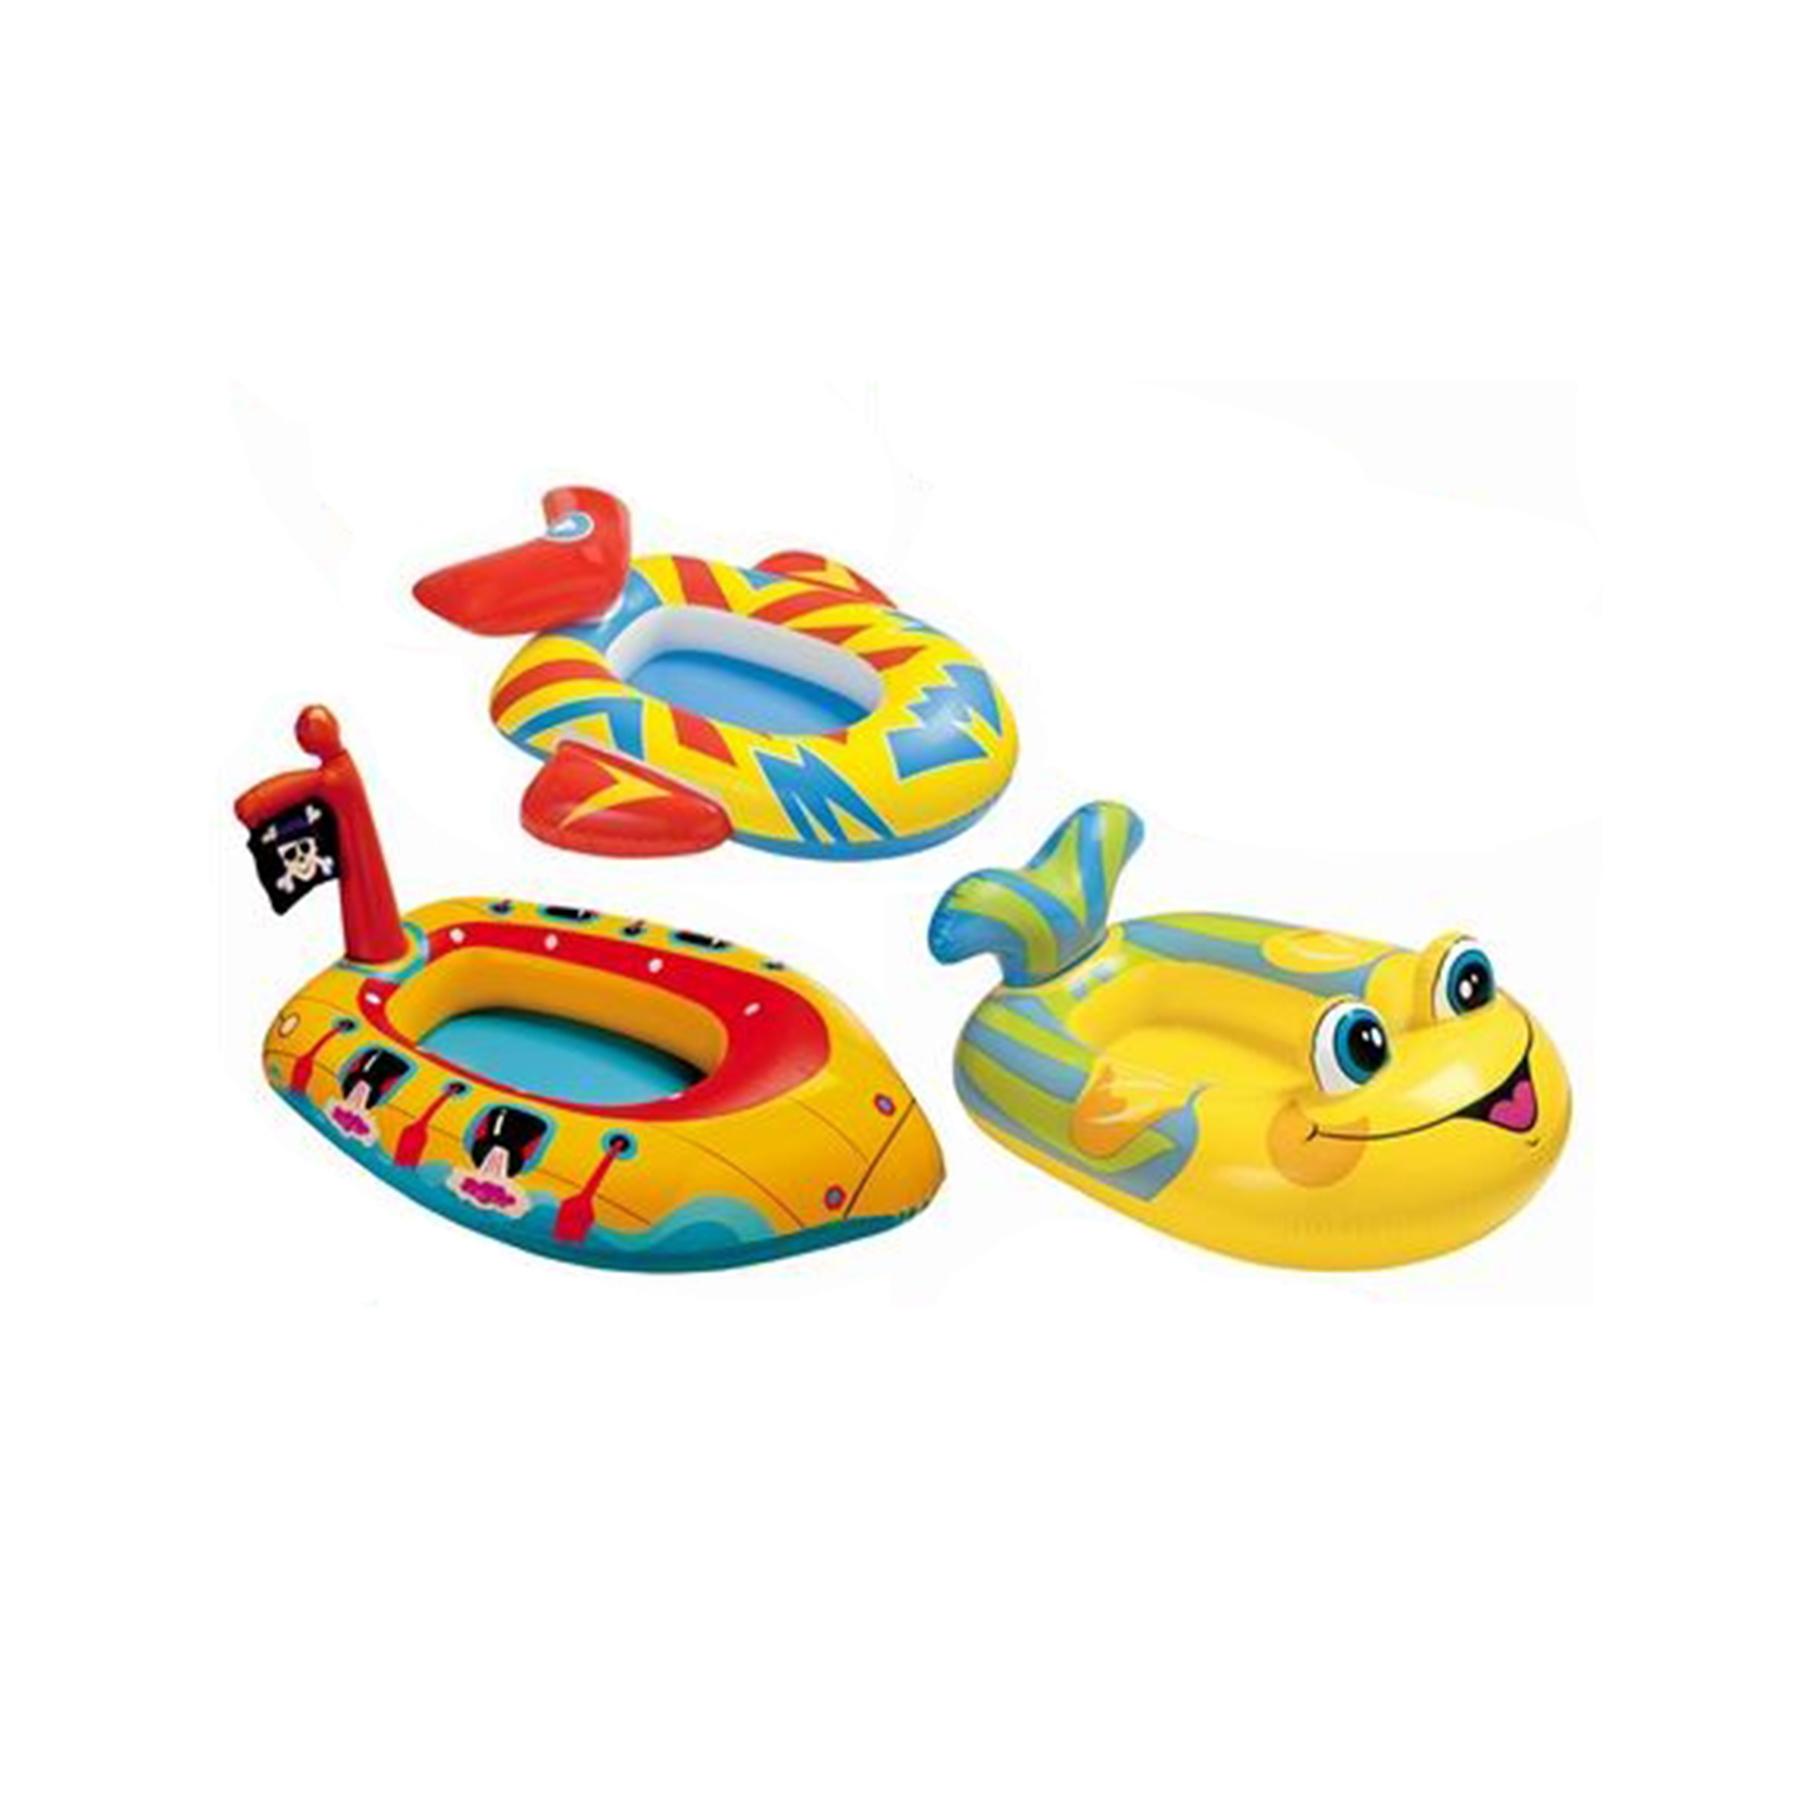 59380 Лодка детская Машина/Такси/Рыбка 3-6 лет